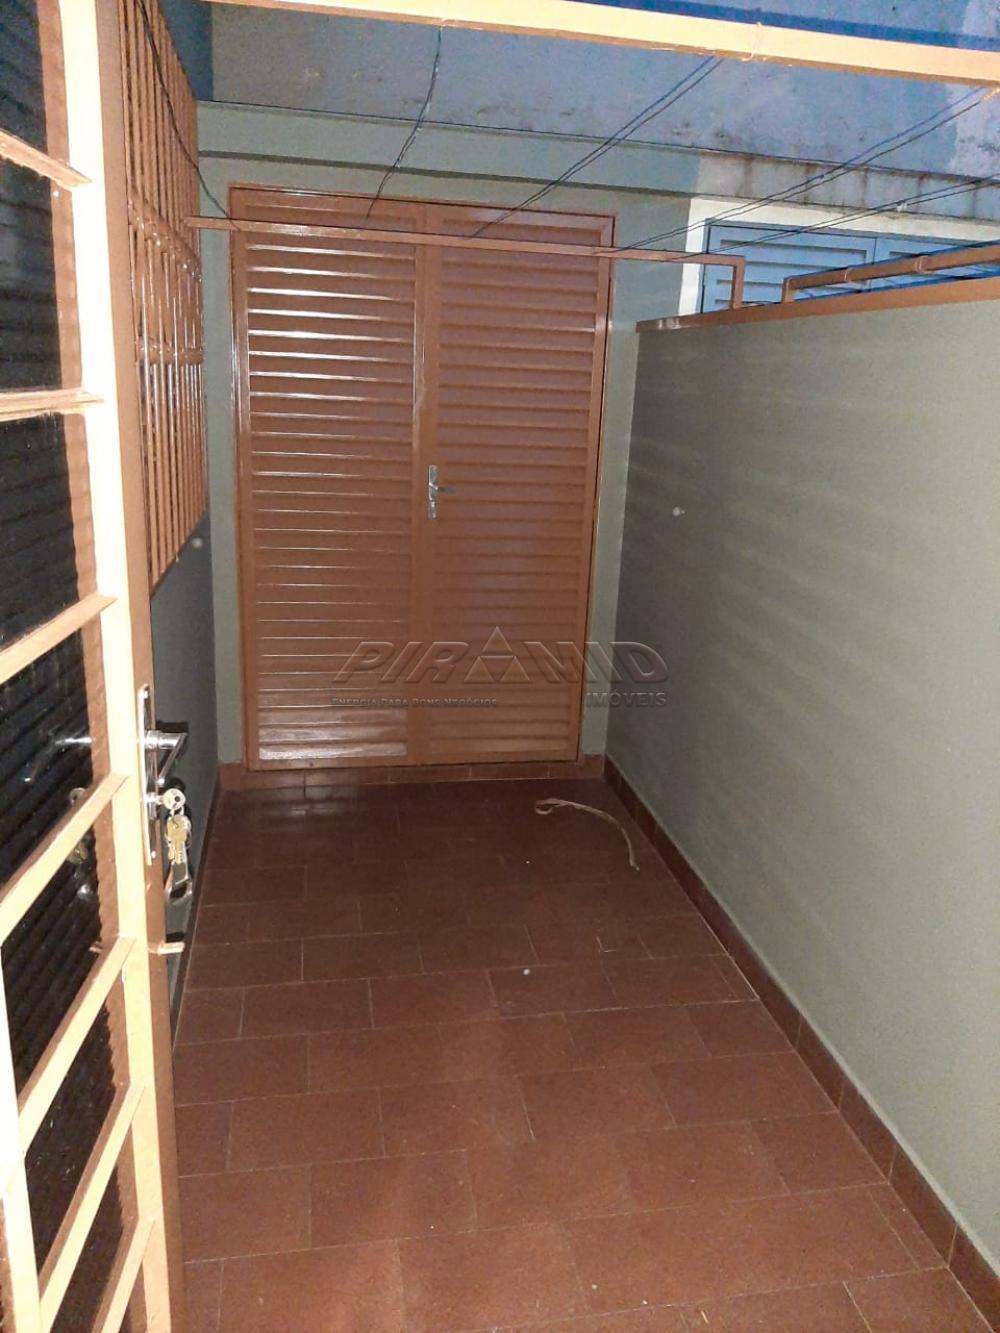 Comprar Casa / Padrão em Ribeirão Preto apenas R$ 200.000,00 - Foto 25